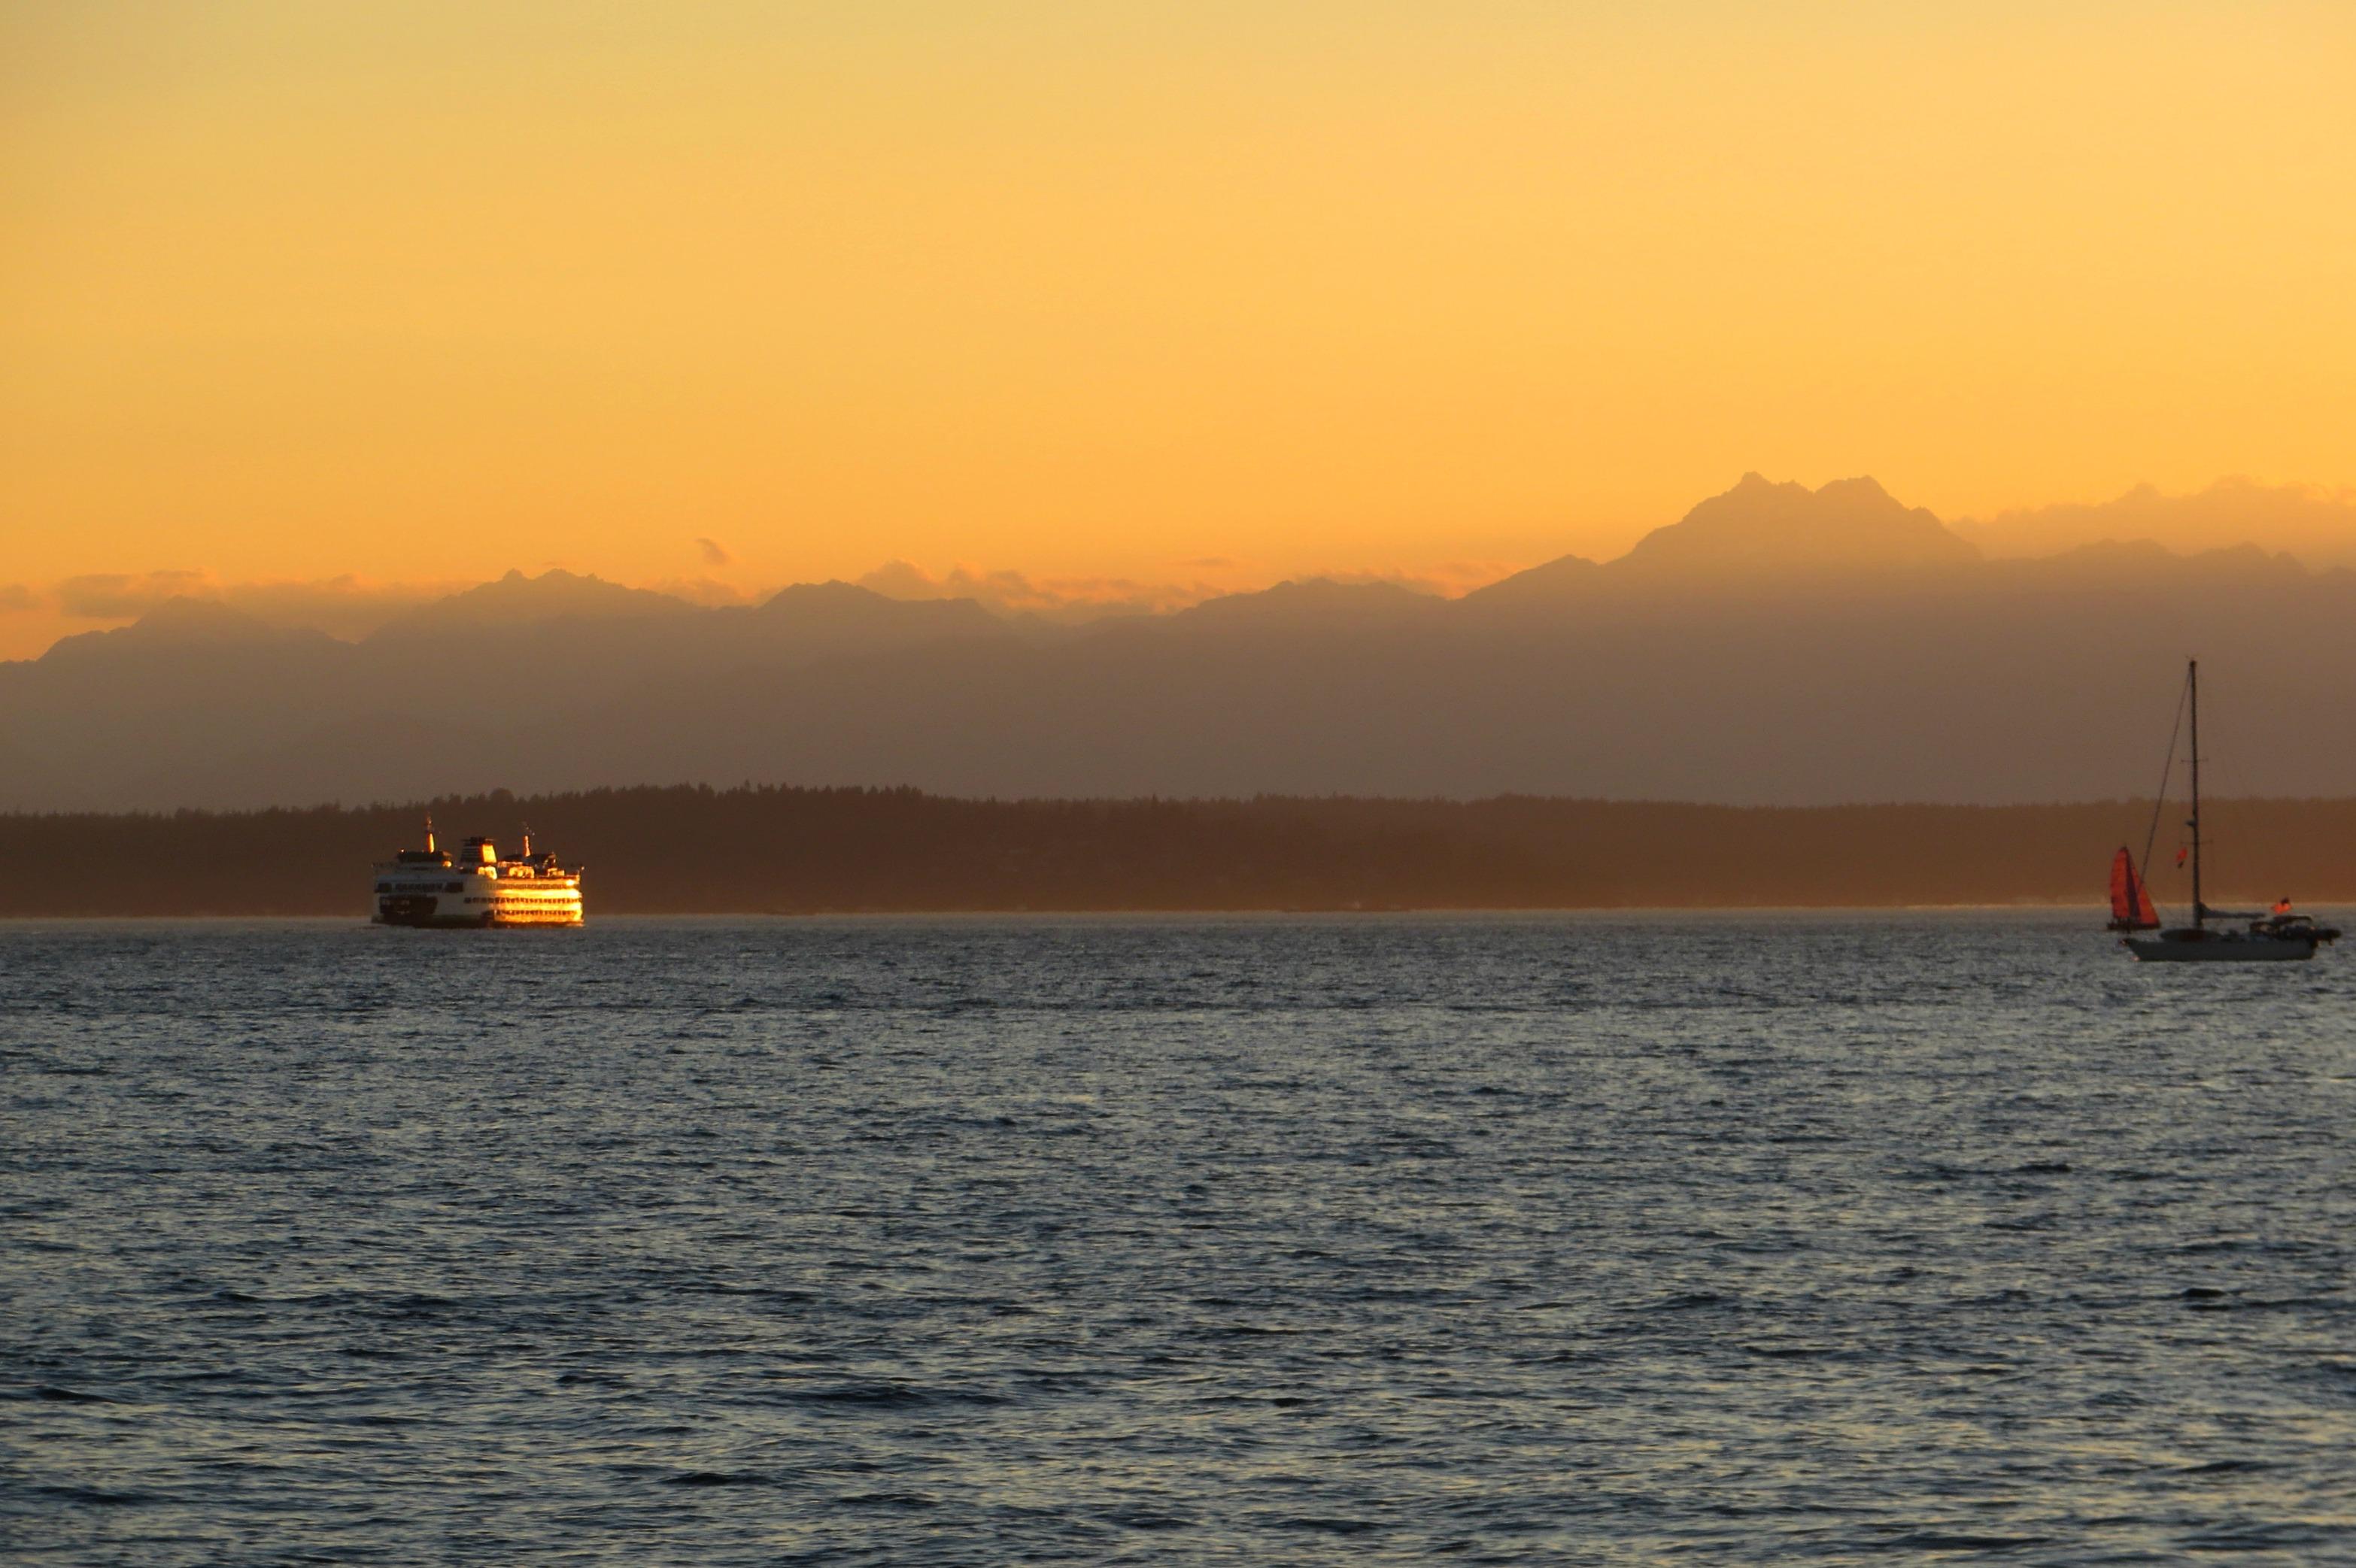 rgsferrysailboatmtn